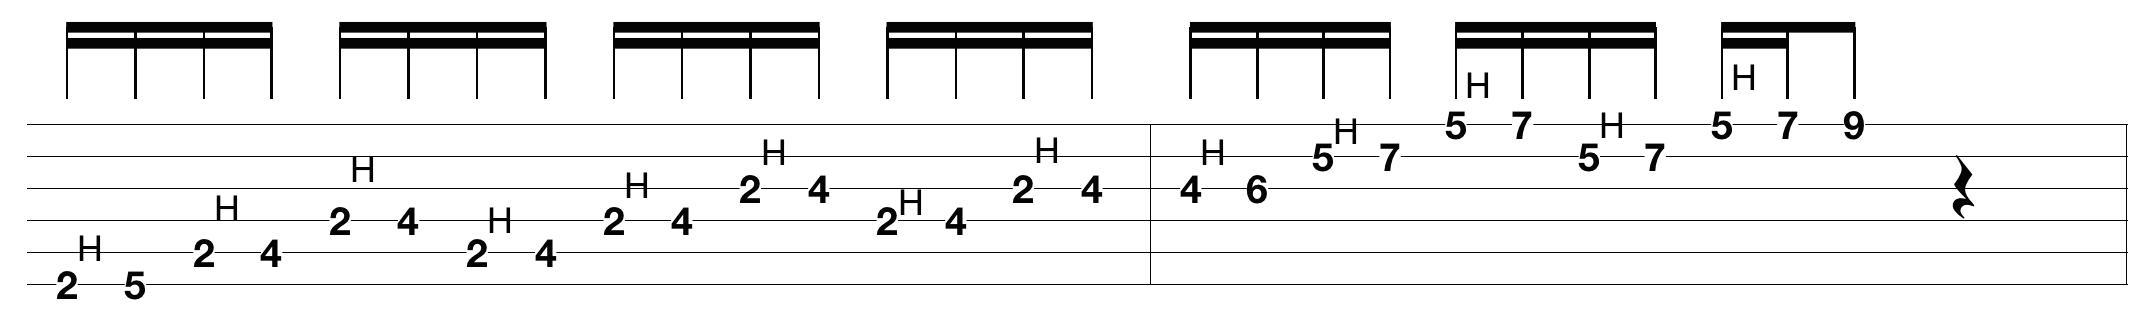 justin-guitar-scales_2.png